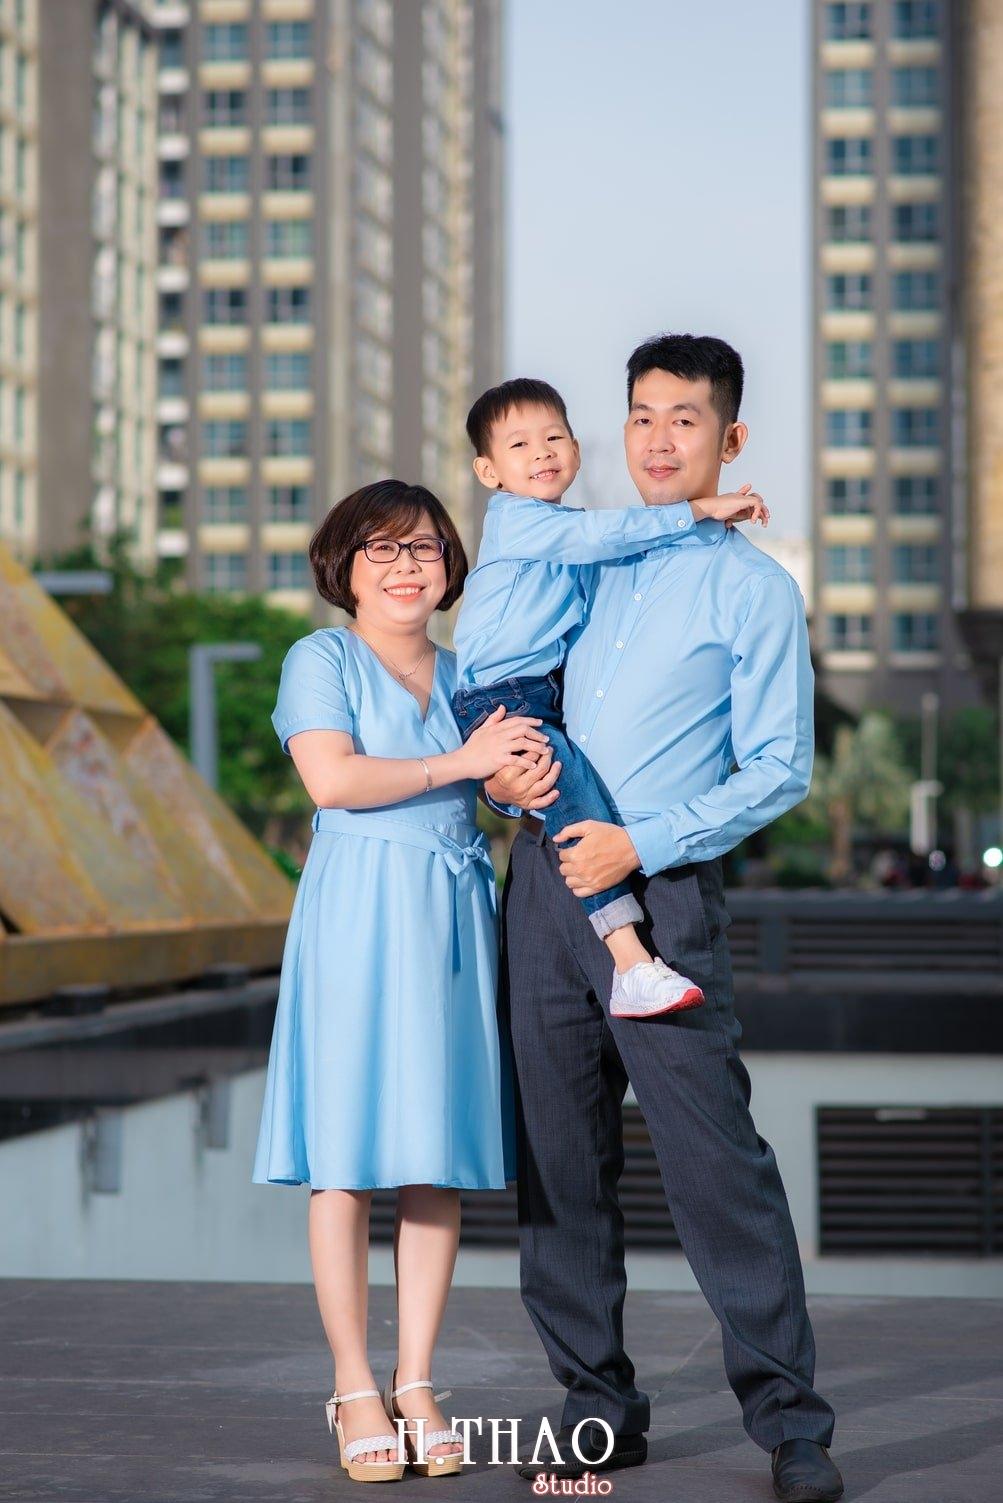 Anh gia dinh landmark 5 - Báo giá chụp hình gia đình